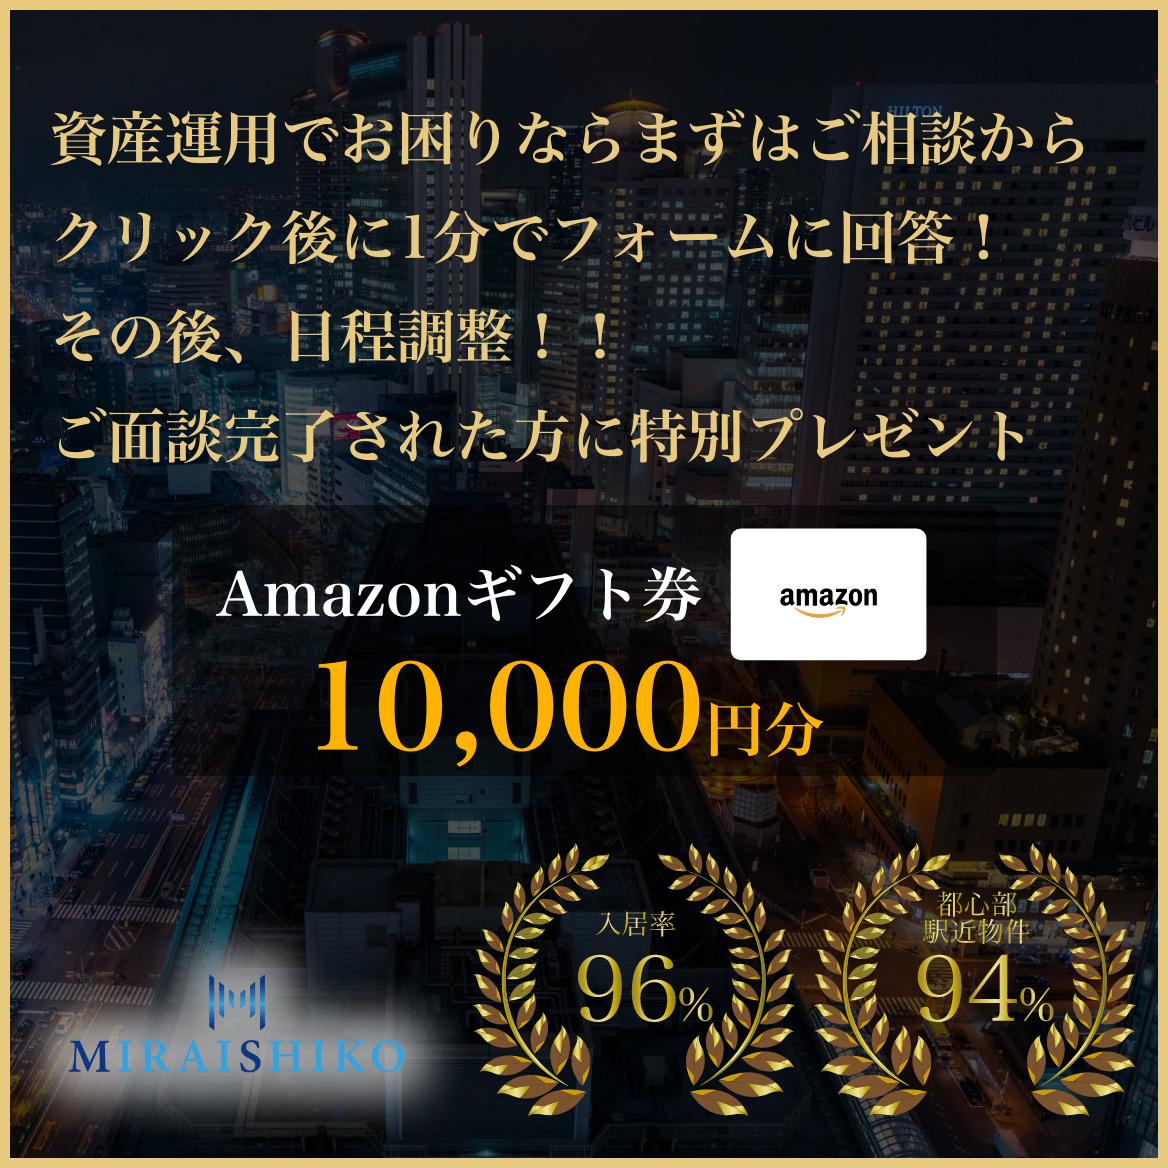 初心者のための不動産投資ならMIRAISHIKO 面談まで進まれた方に10,000円分Amazonギフト券進呈中 無料個別相談はこちら